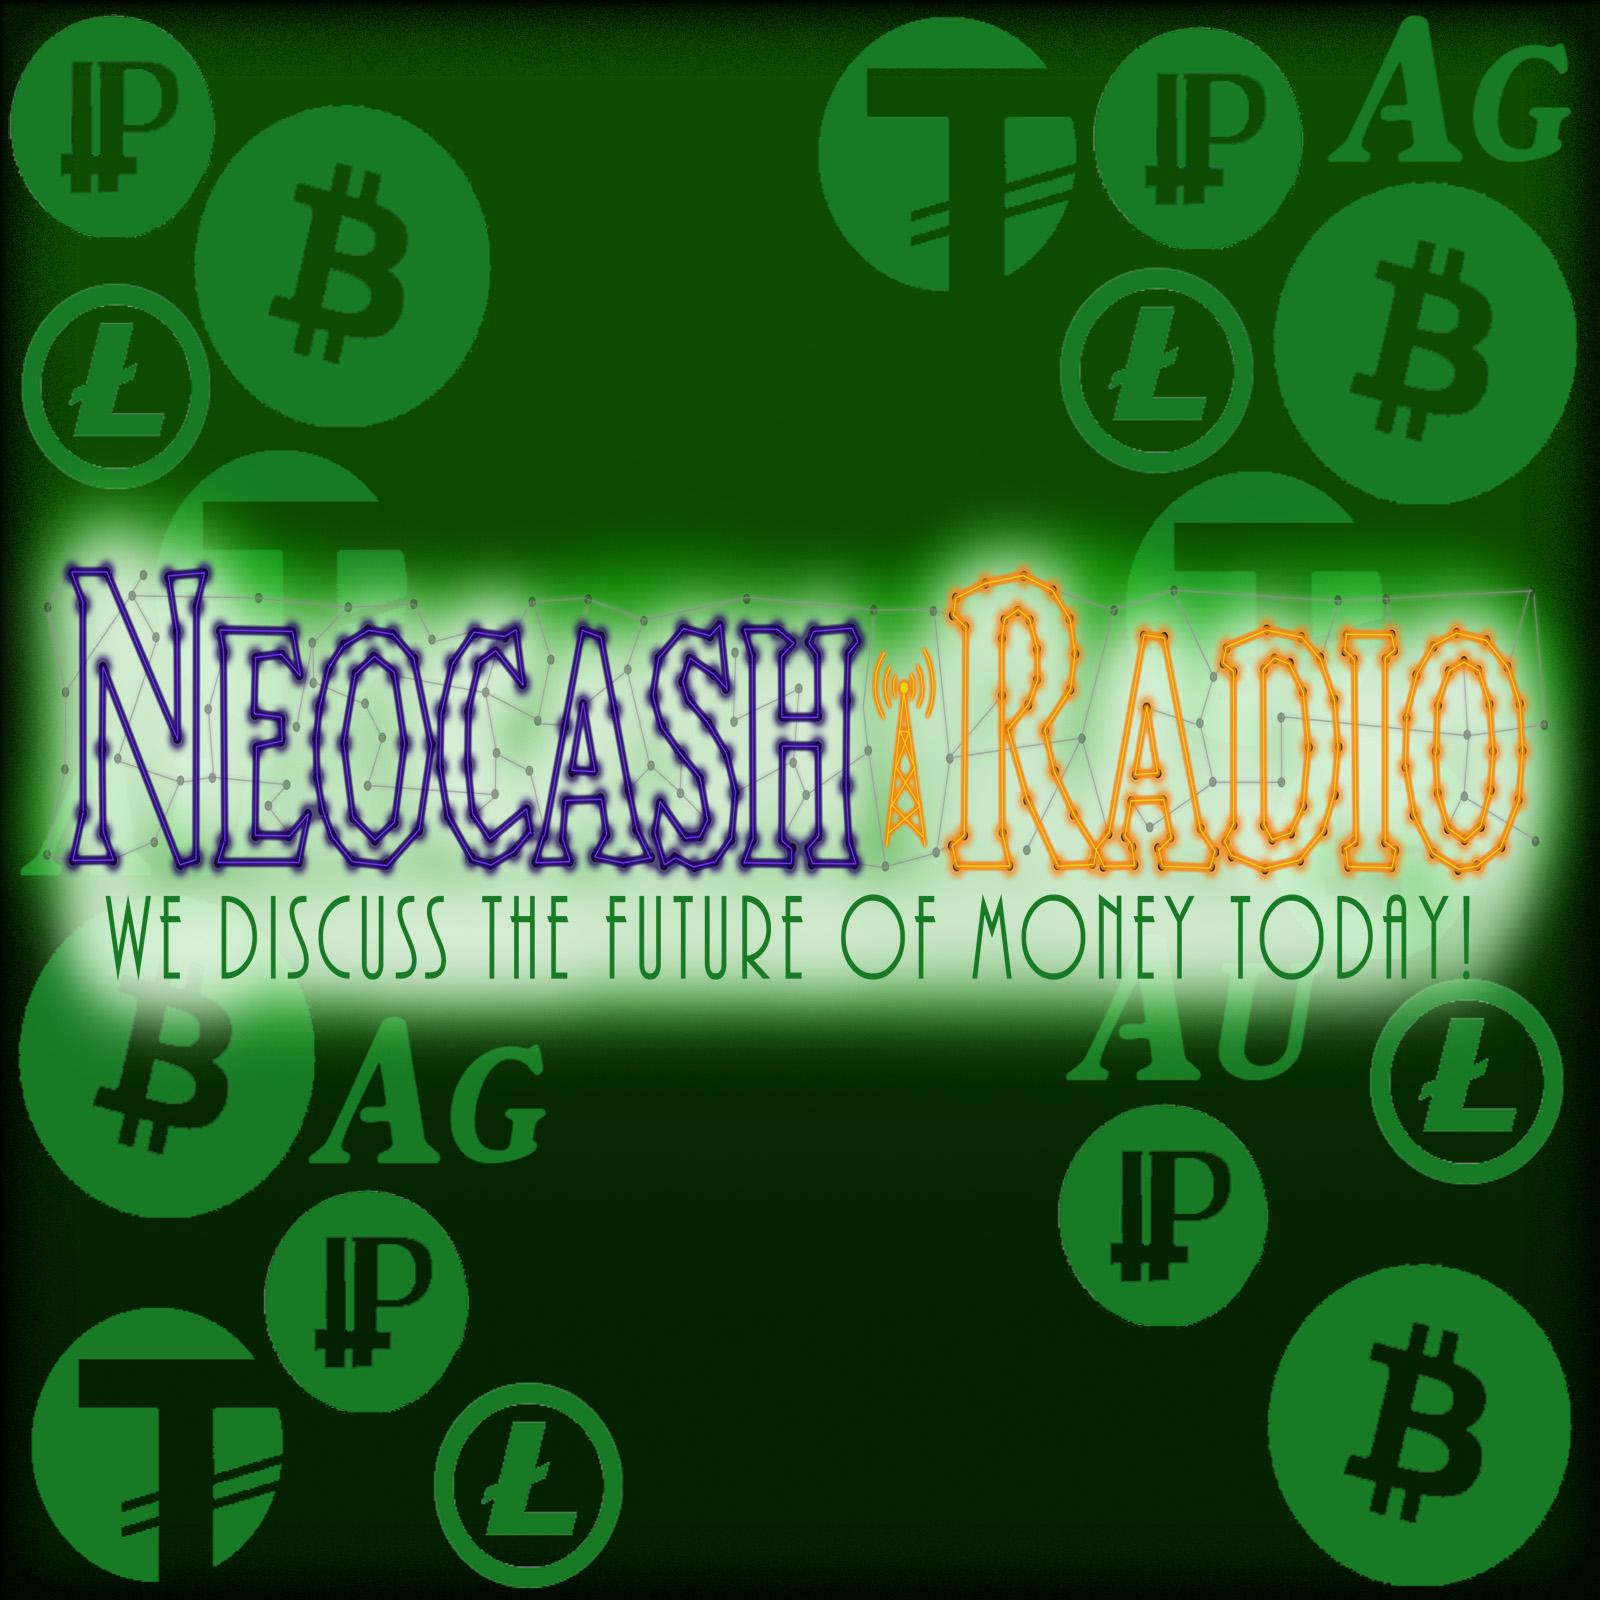 Neocash Radio - Episode 99